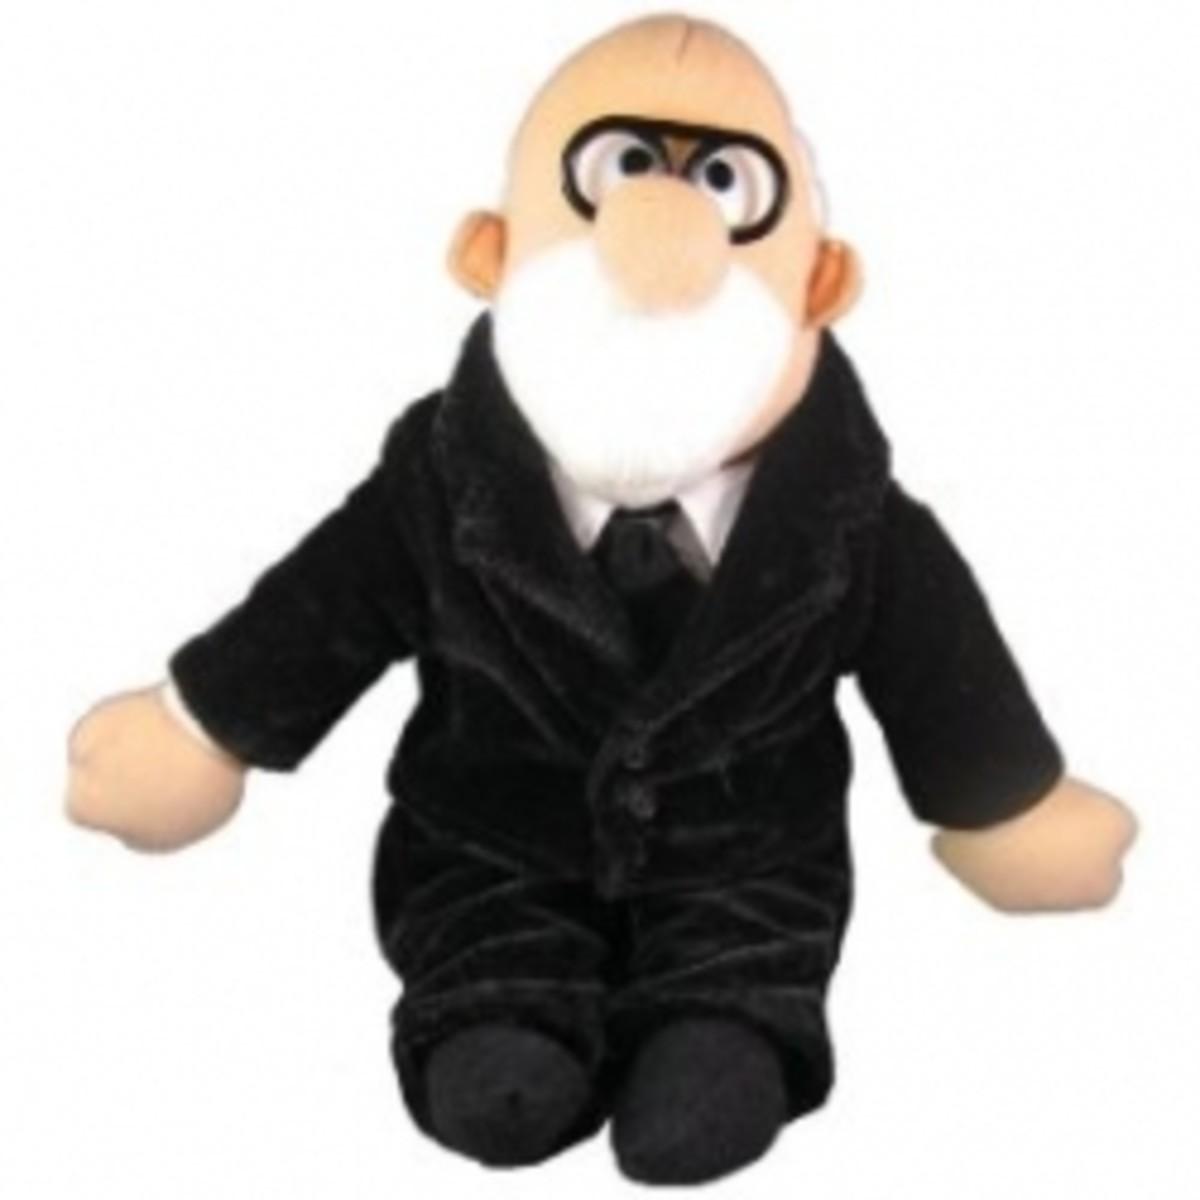 Sigmund Freud's Freudian Gifts